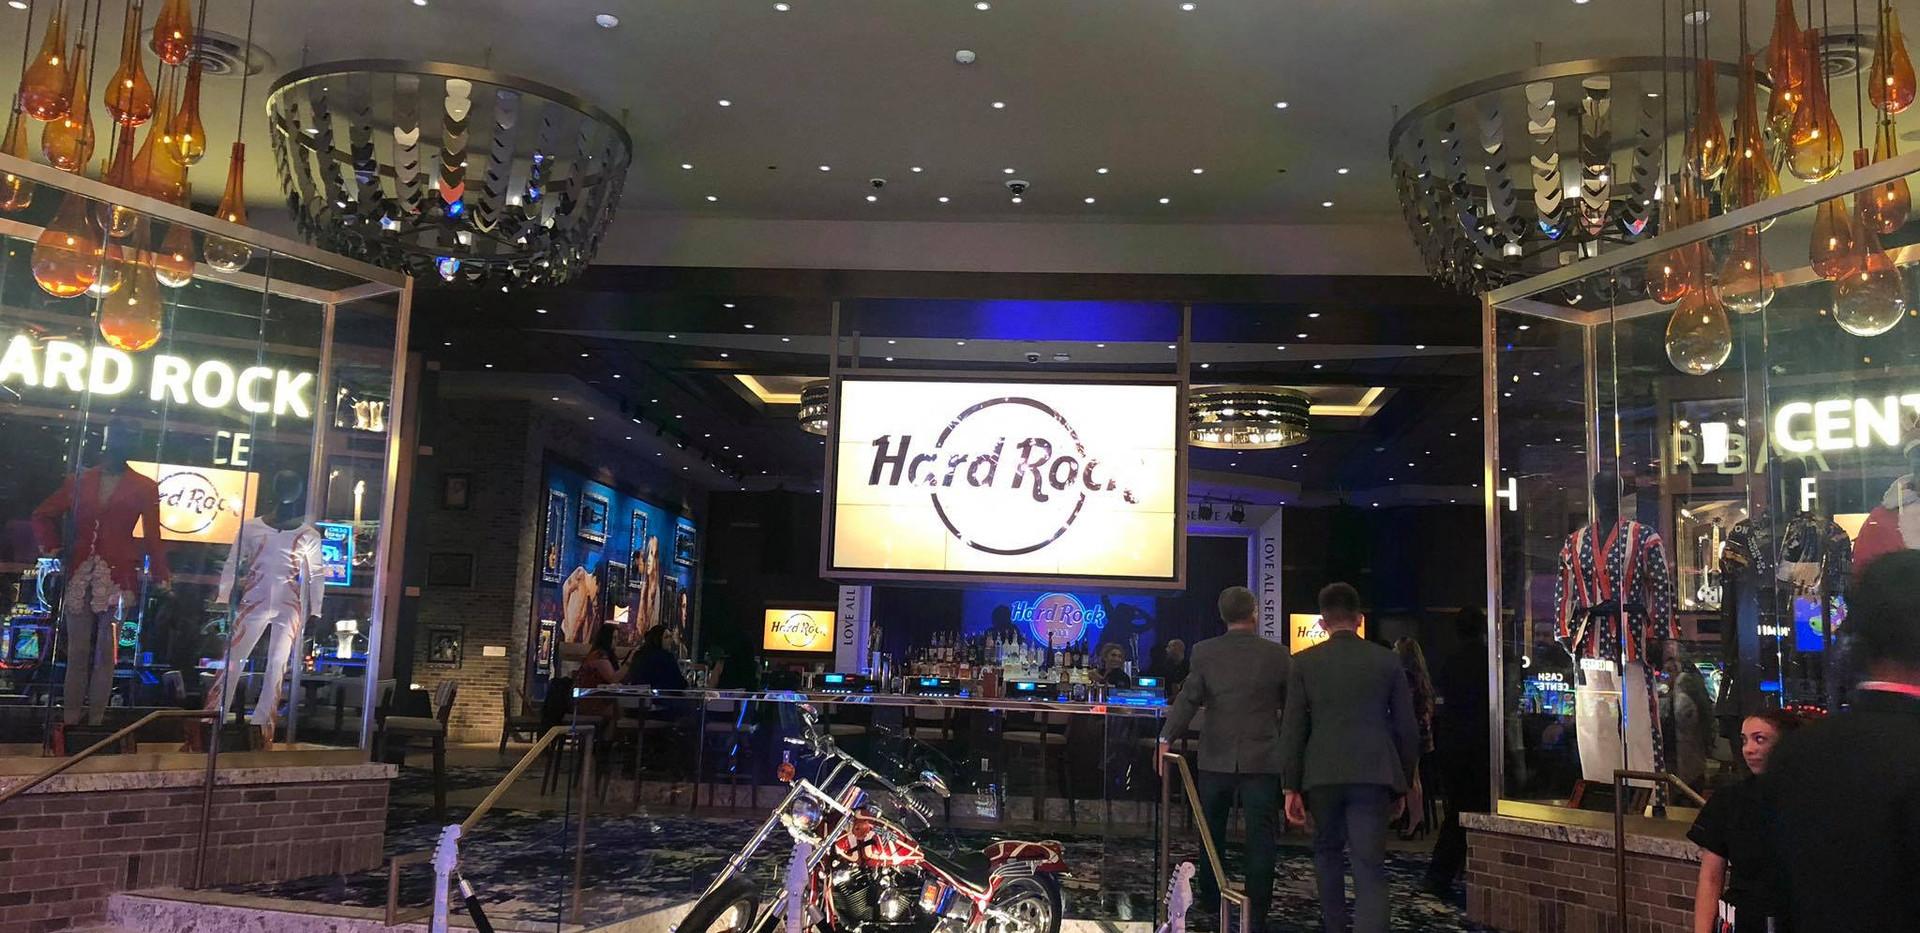 Hard Rock Bar.jpg